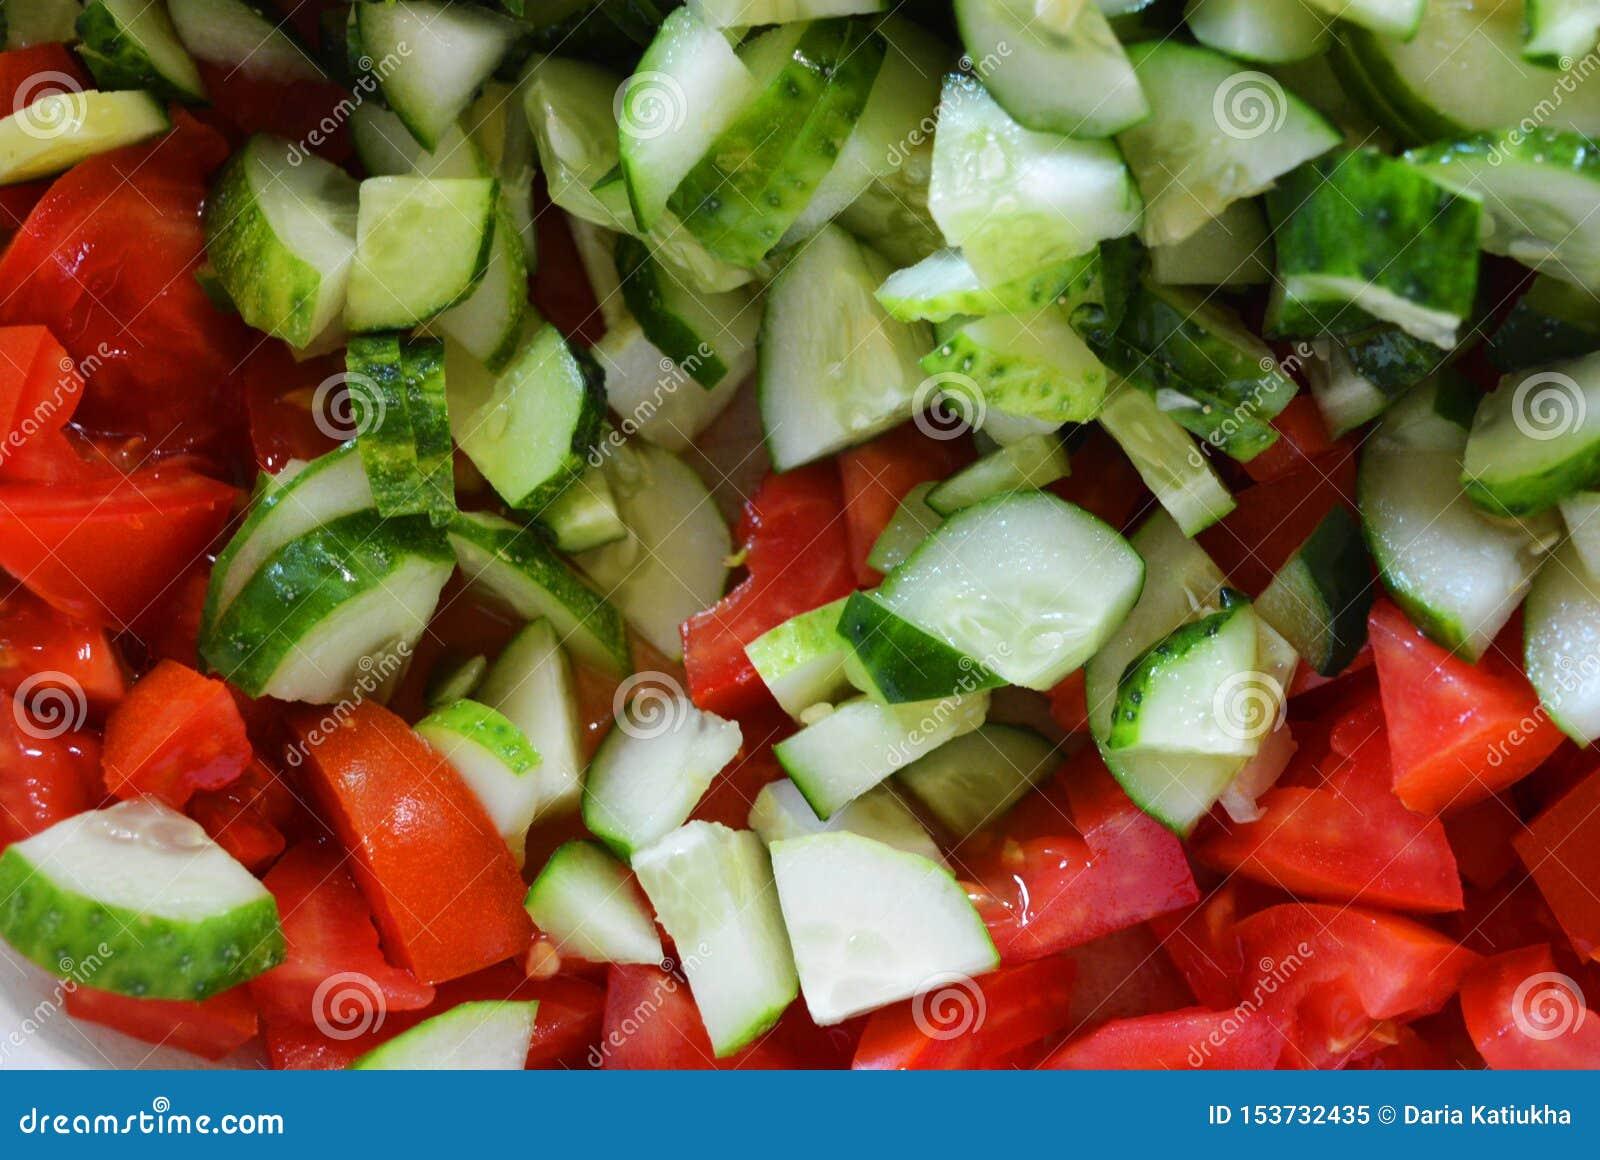 Φρέσκα υγιή λαχανικά, μικρές φέτες των πράσινων αγγουριών και κόκκινες ντομάτες για τη θερινή σαλάτα, συστατικά για τη σαλάτα